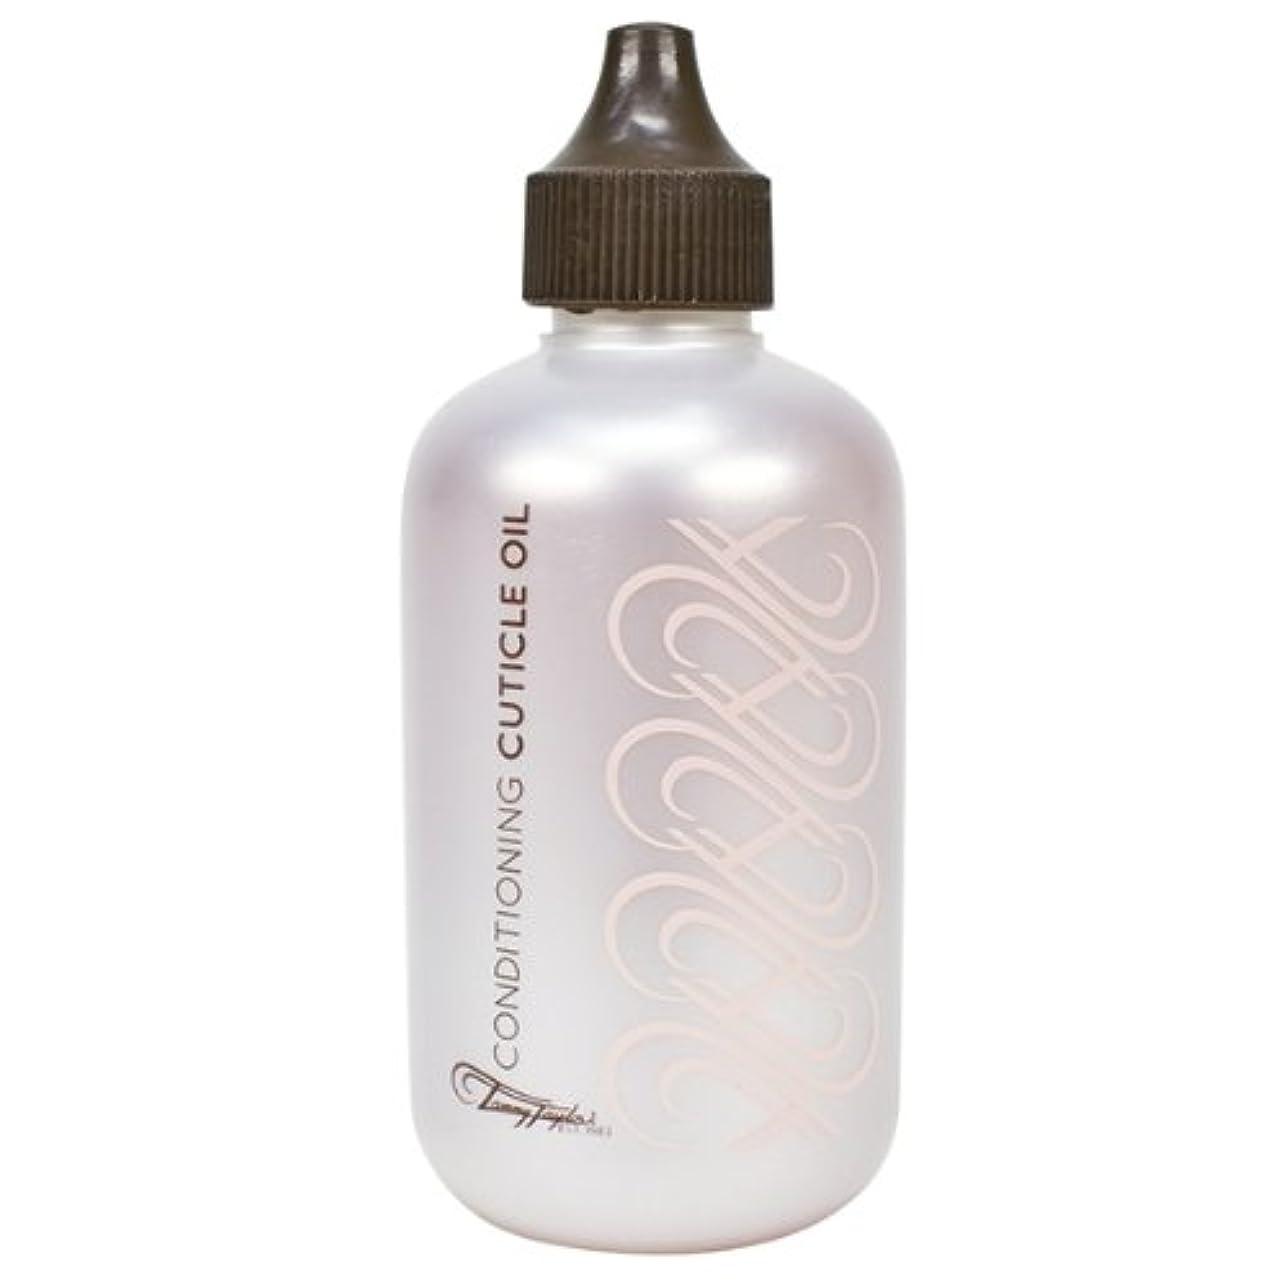 モットー超高層ビル肺Tammy Taylor - Conditioning Cuticle Oil -Peach - 4 Oz / 118mL